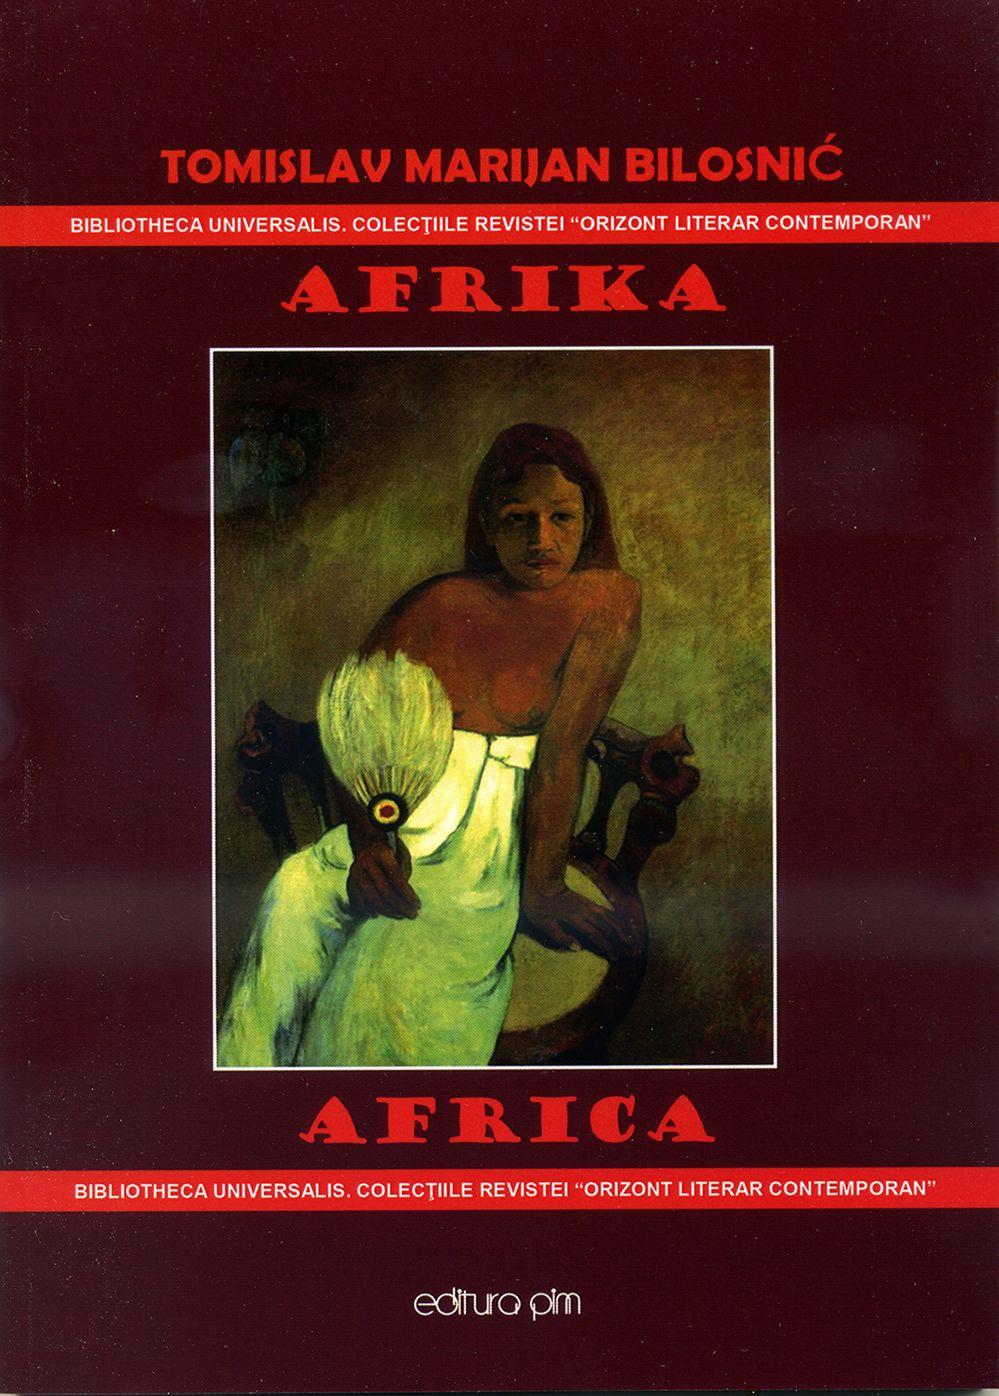 4. Rumunjsko-englesko izdanje Afrike